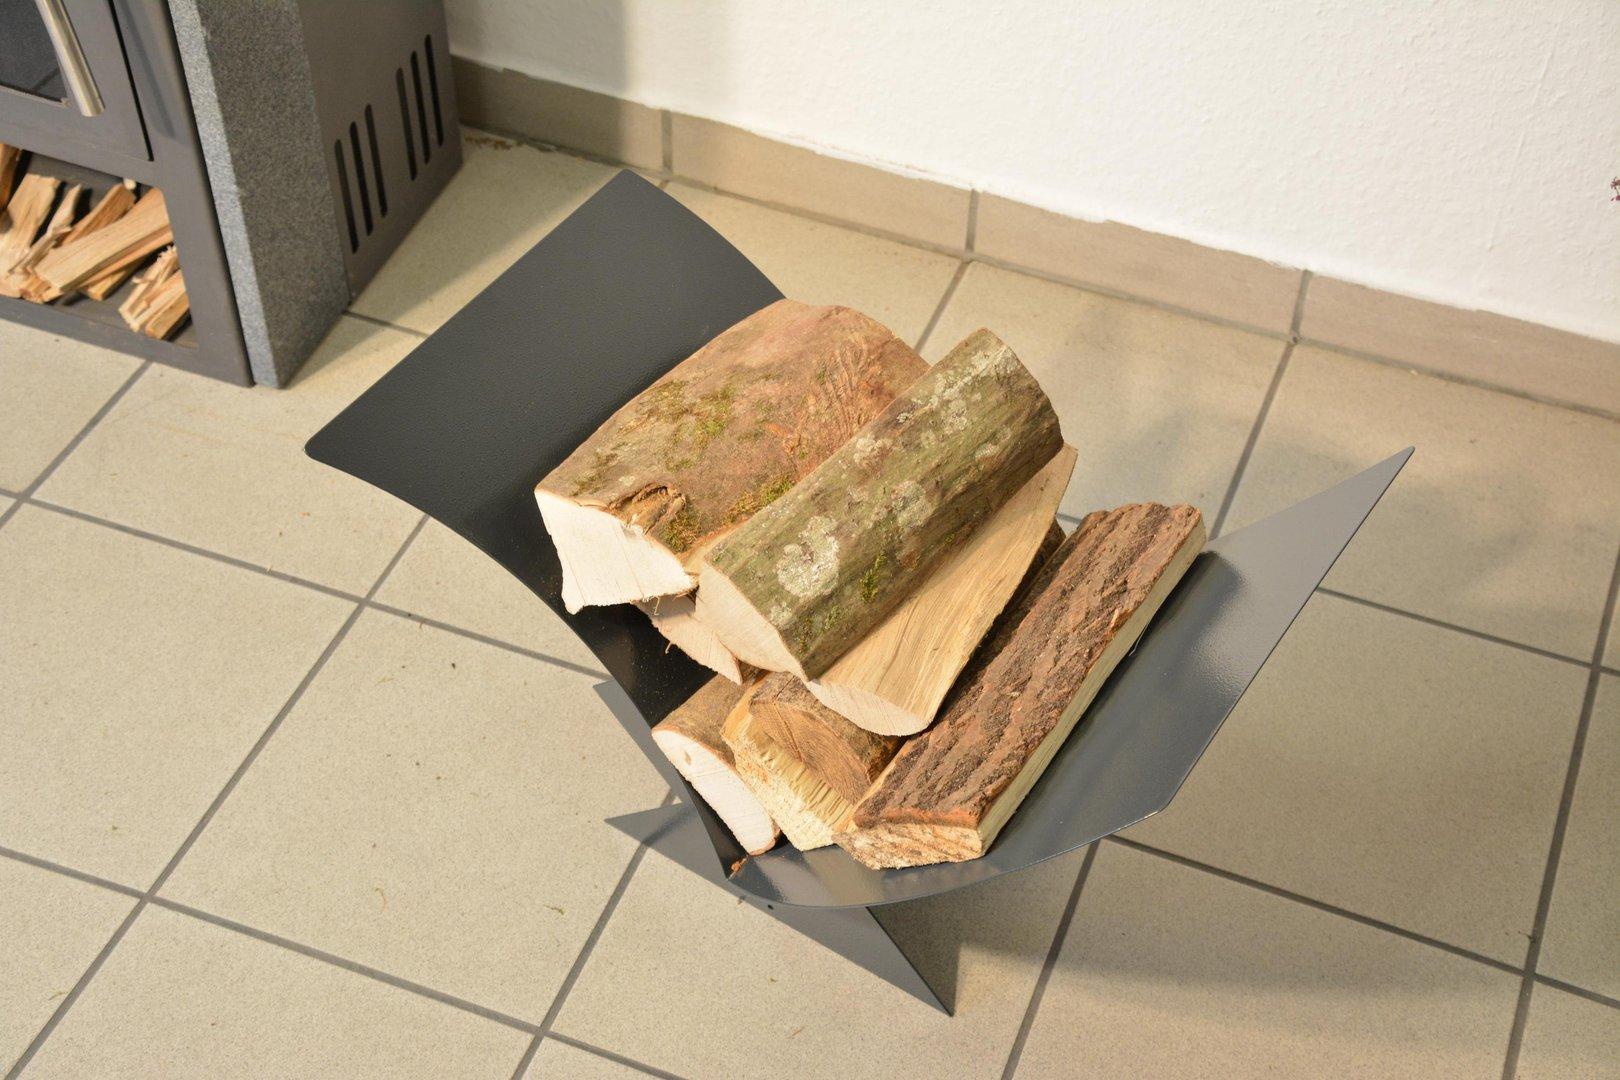 kaminholzregal dreieck mit geschwungener auflagef che aus metall. Black Bedroom Furniture Sets. Home Design Ideas